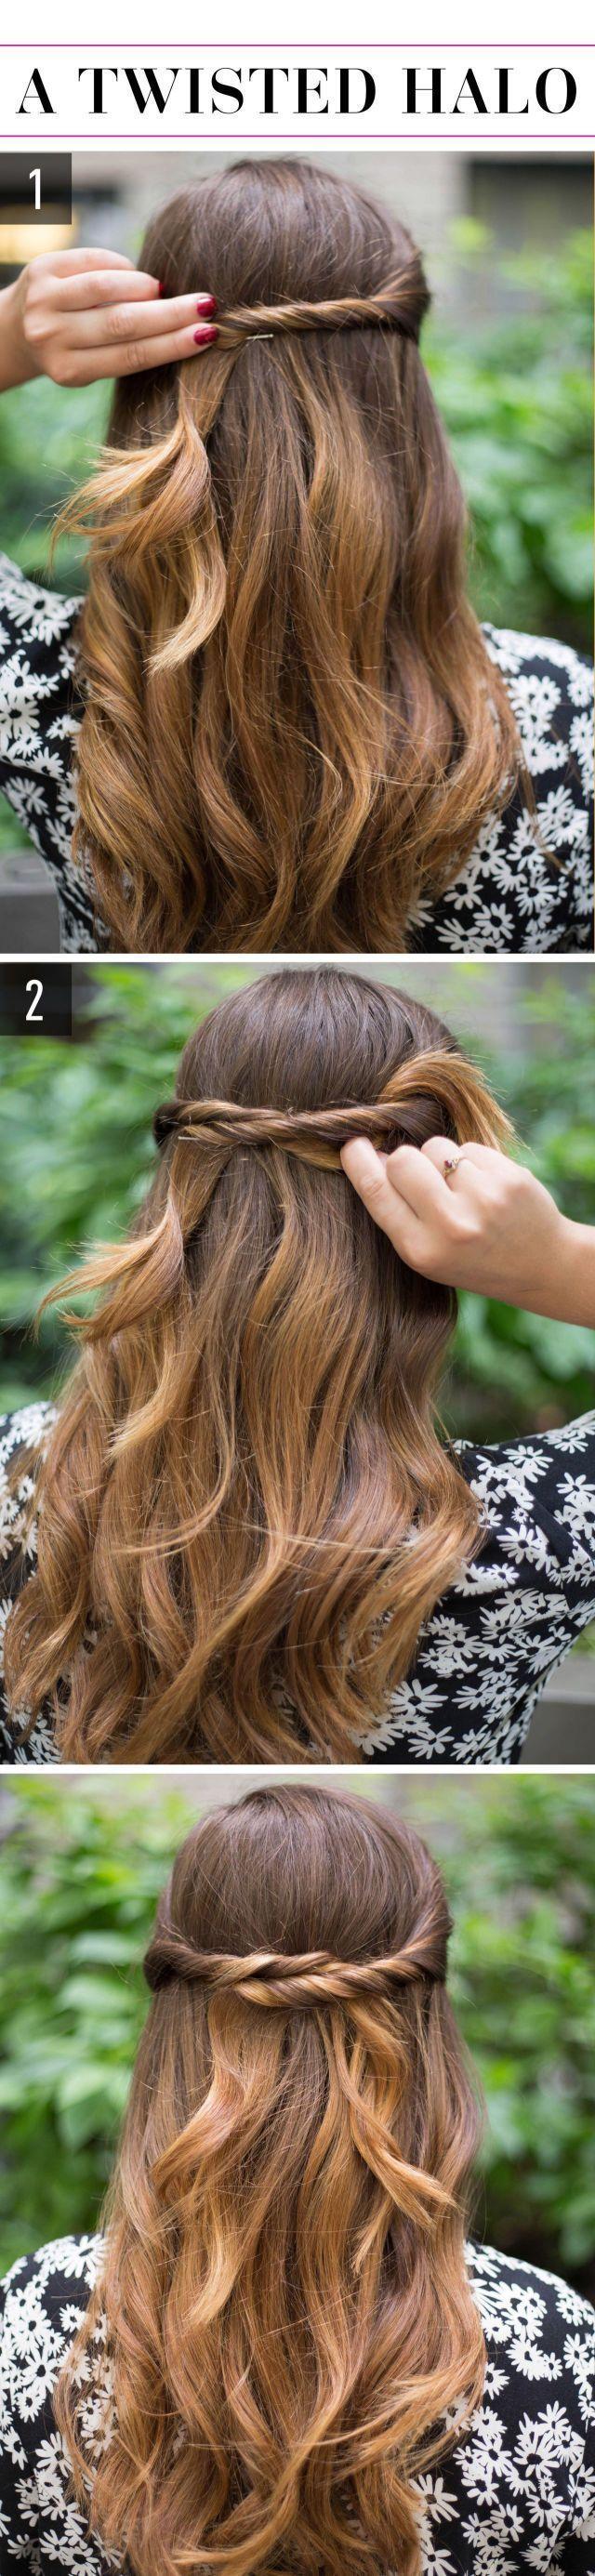 15 Super-einfache Frisuren für faule Mädchen, die nicht einmal können